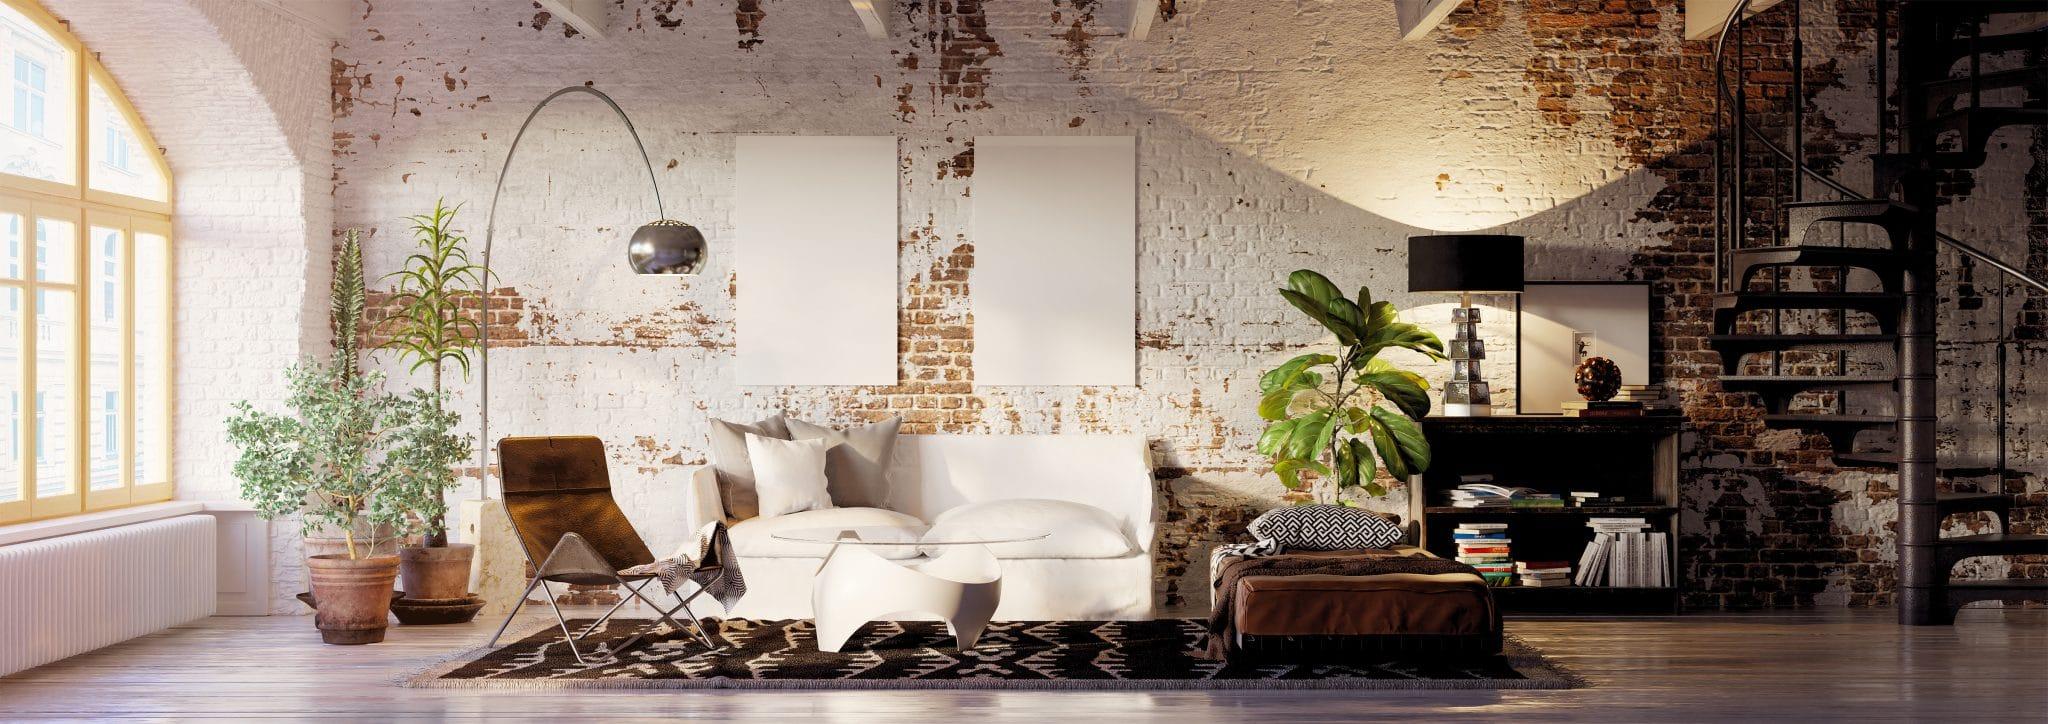 Rénovation de maison à Angers (49)